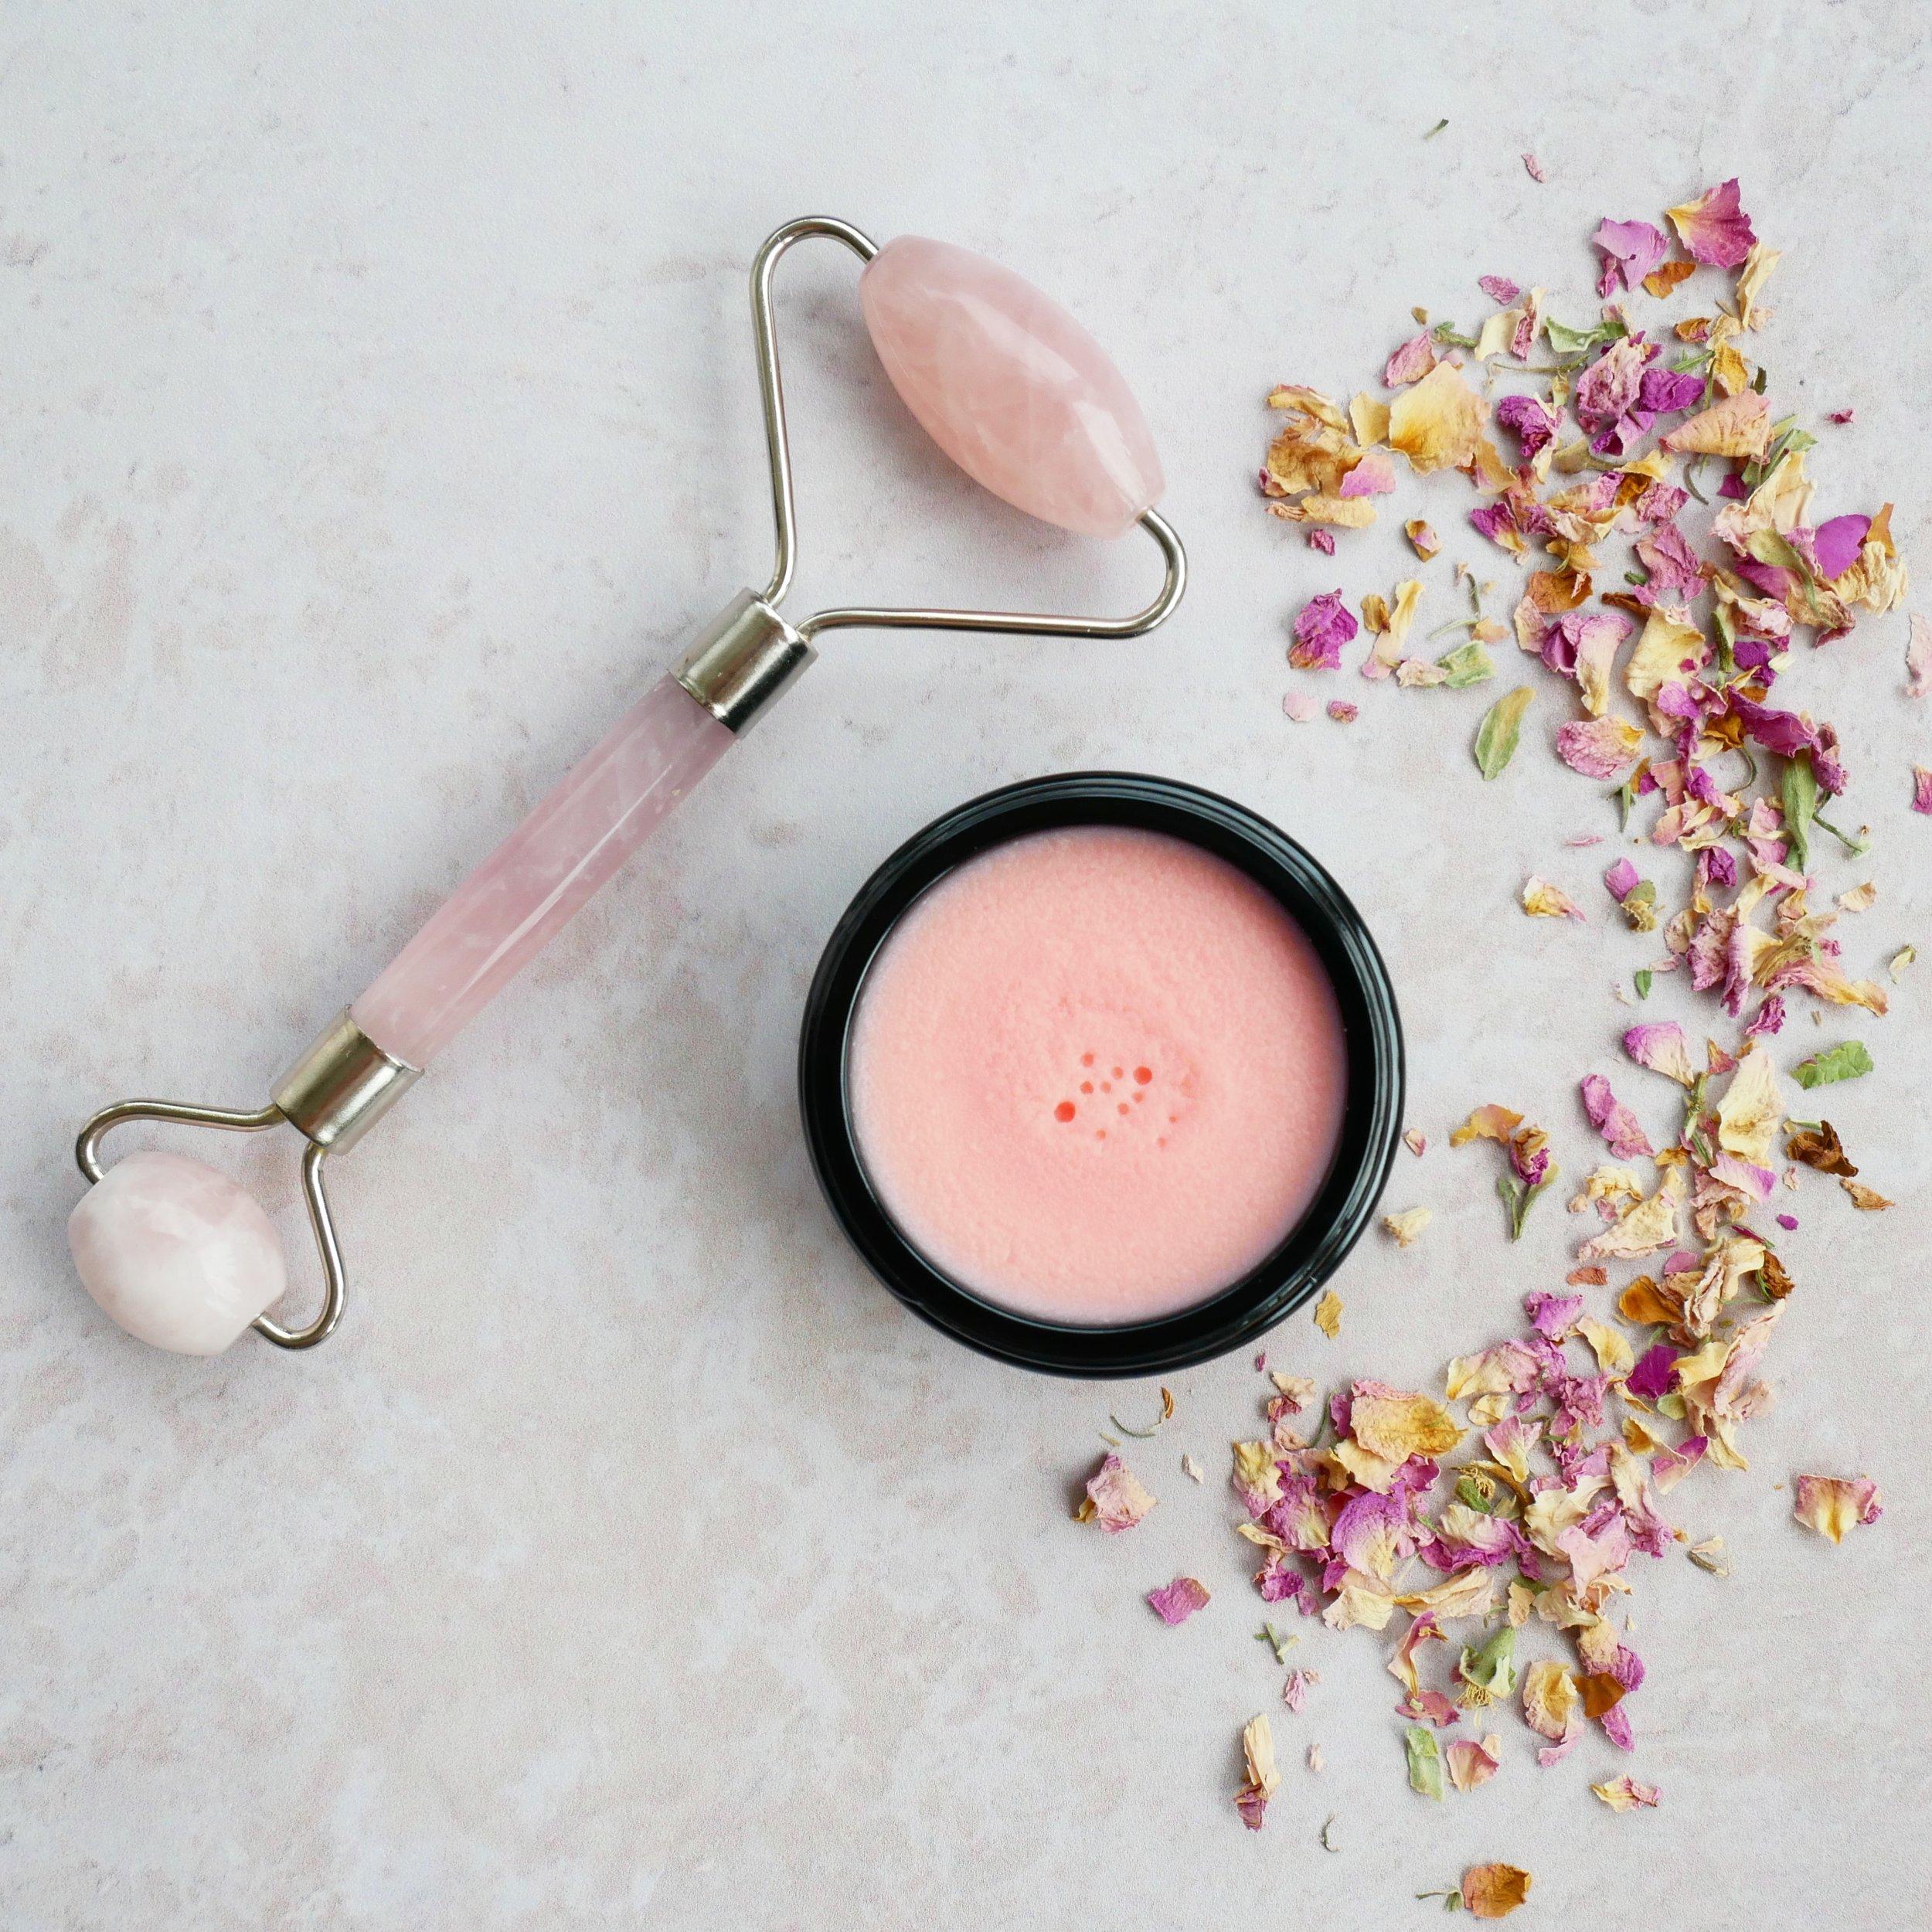 facebalm opskrift lyserød farve rosakvarts ansigtsrulle rosakvarts rulle rose quartz face roller